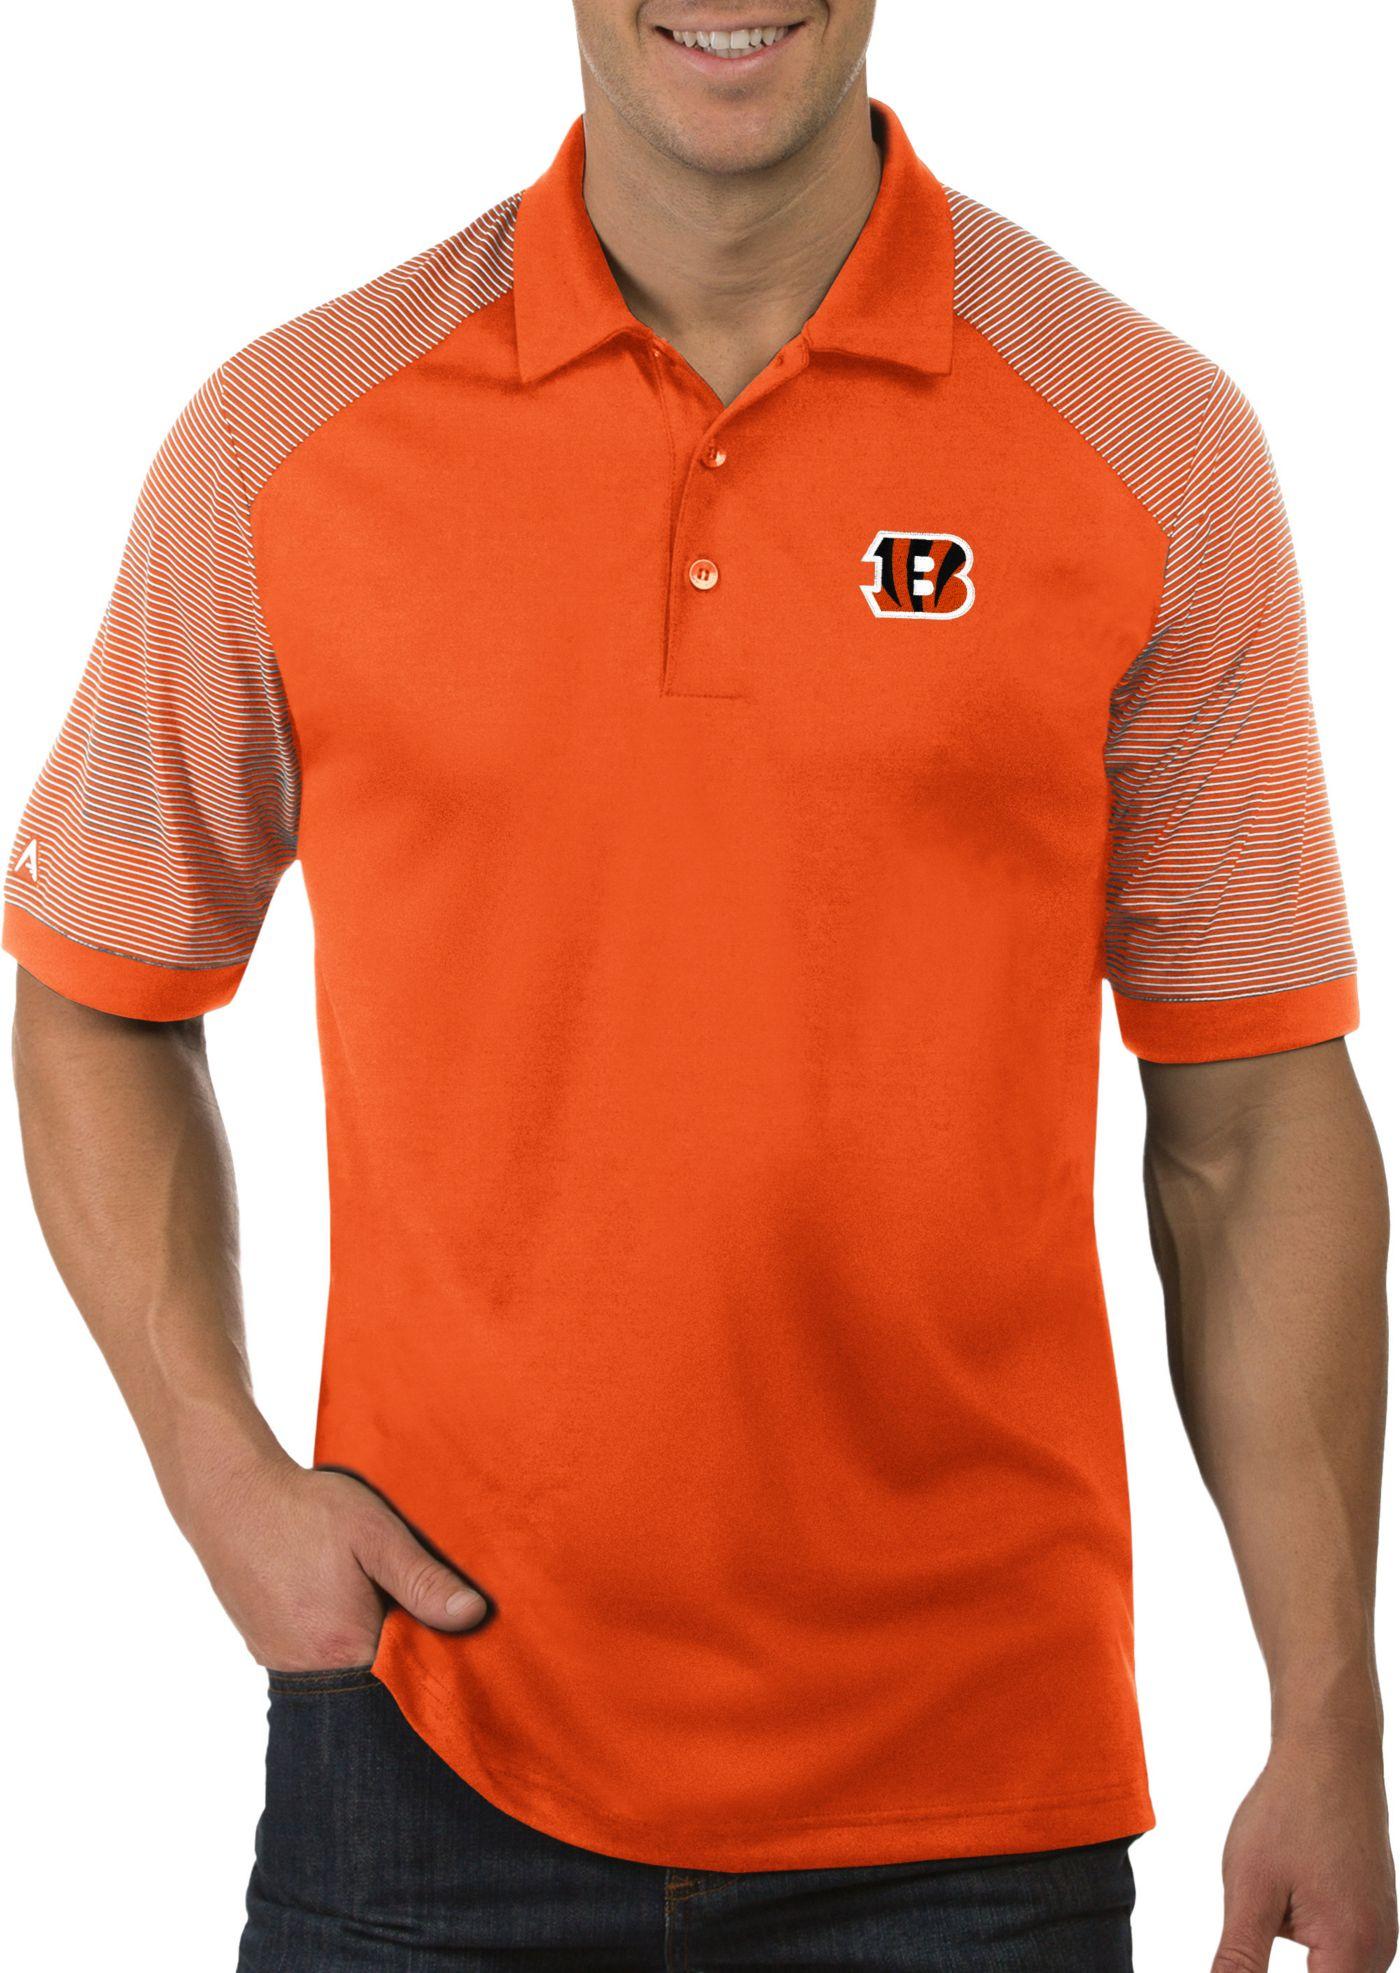 Antigua Men's Cincinnati Bengals Engage Orange Performance Polo